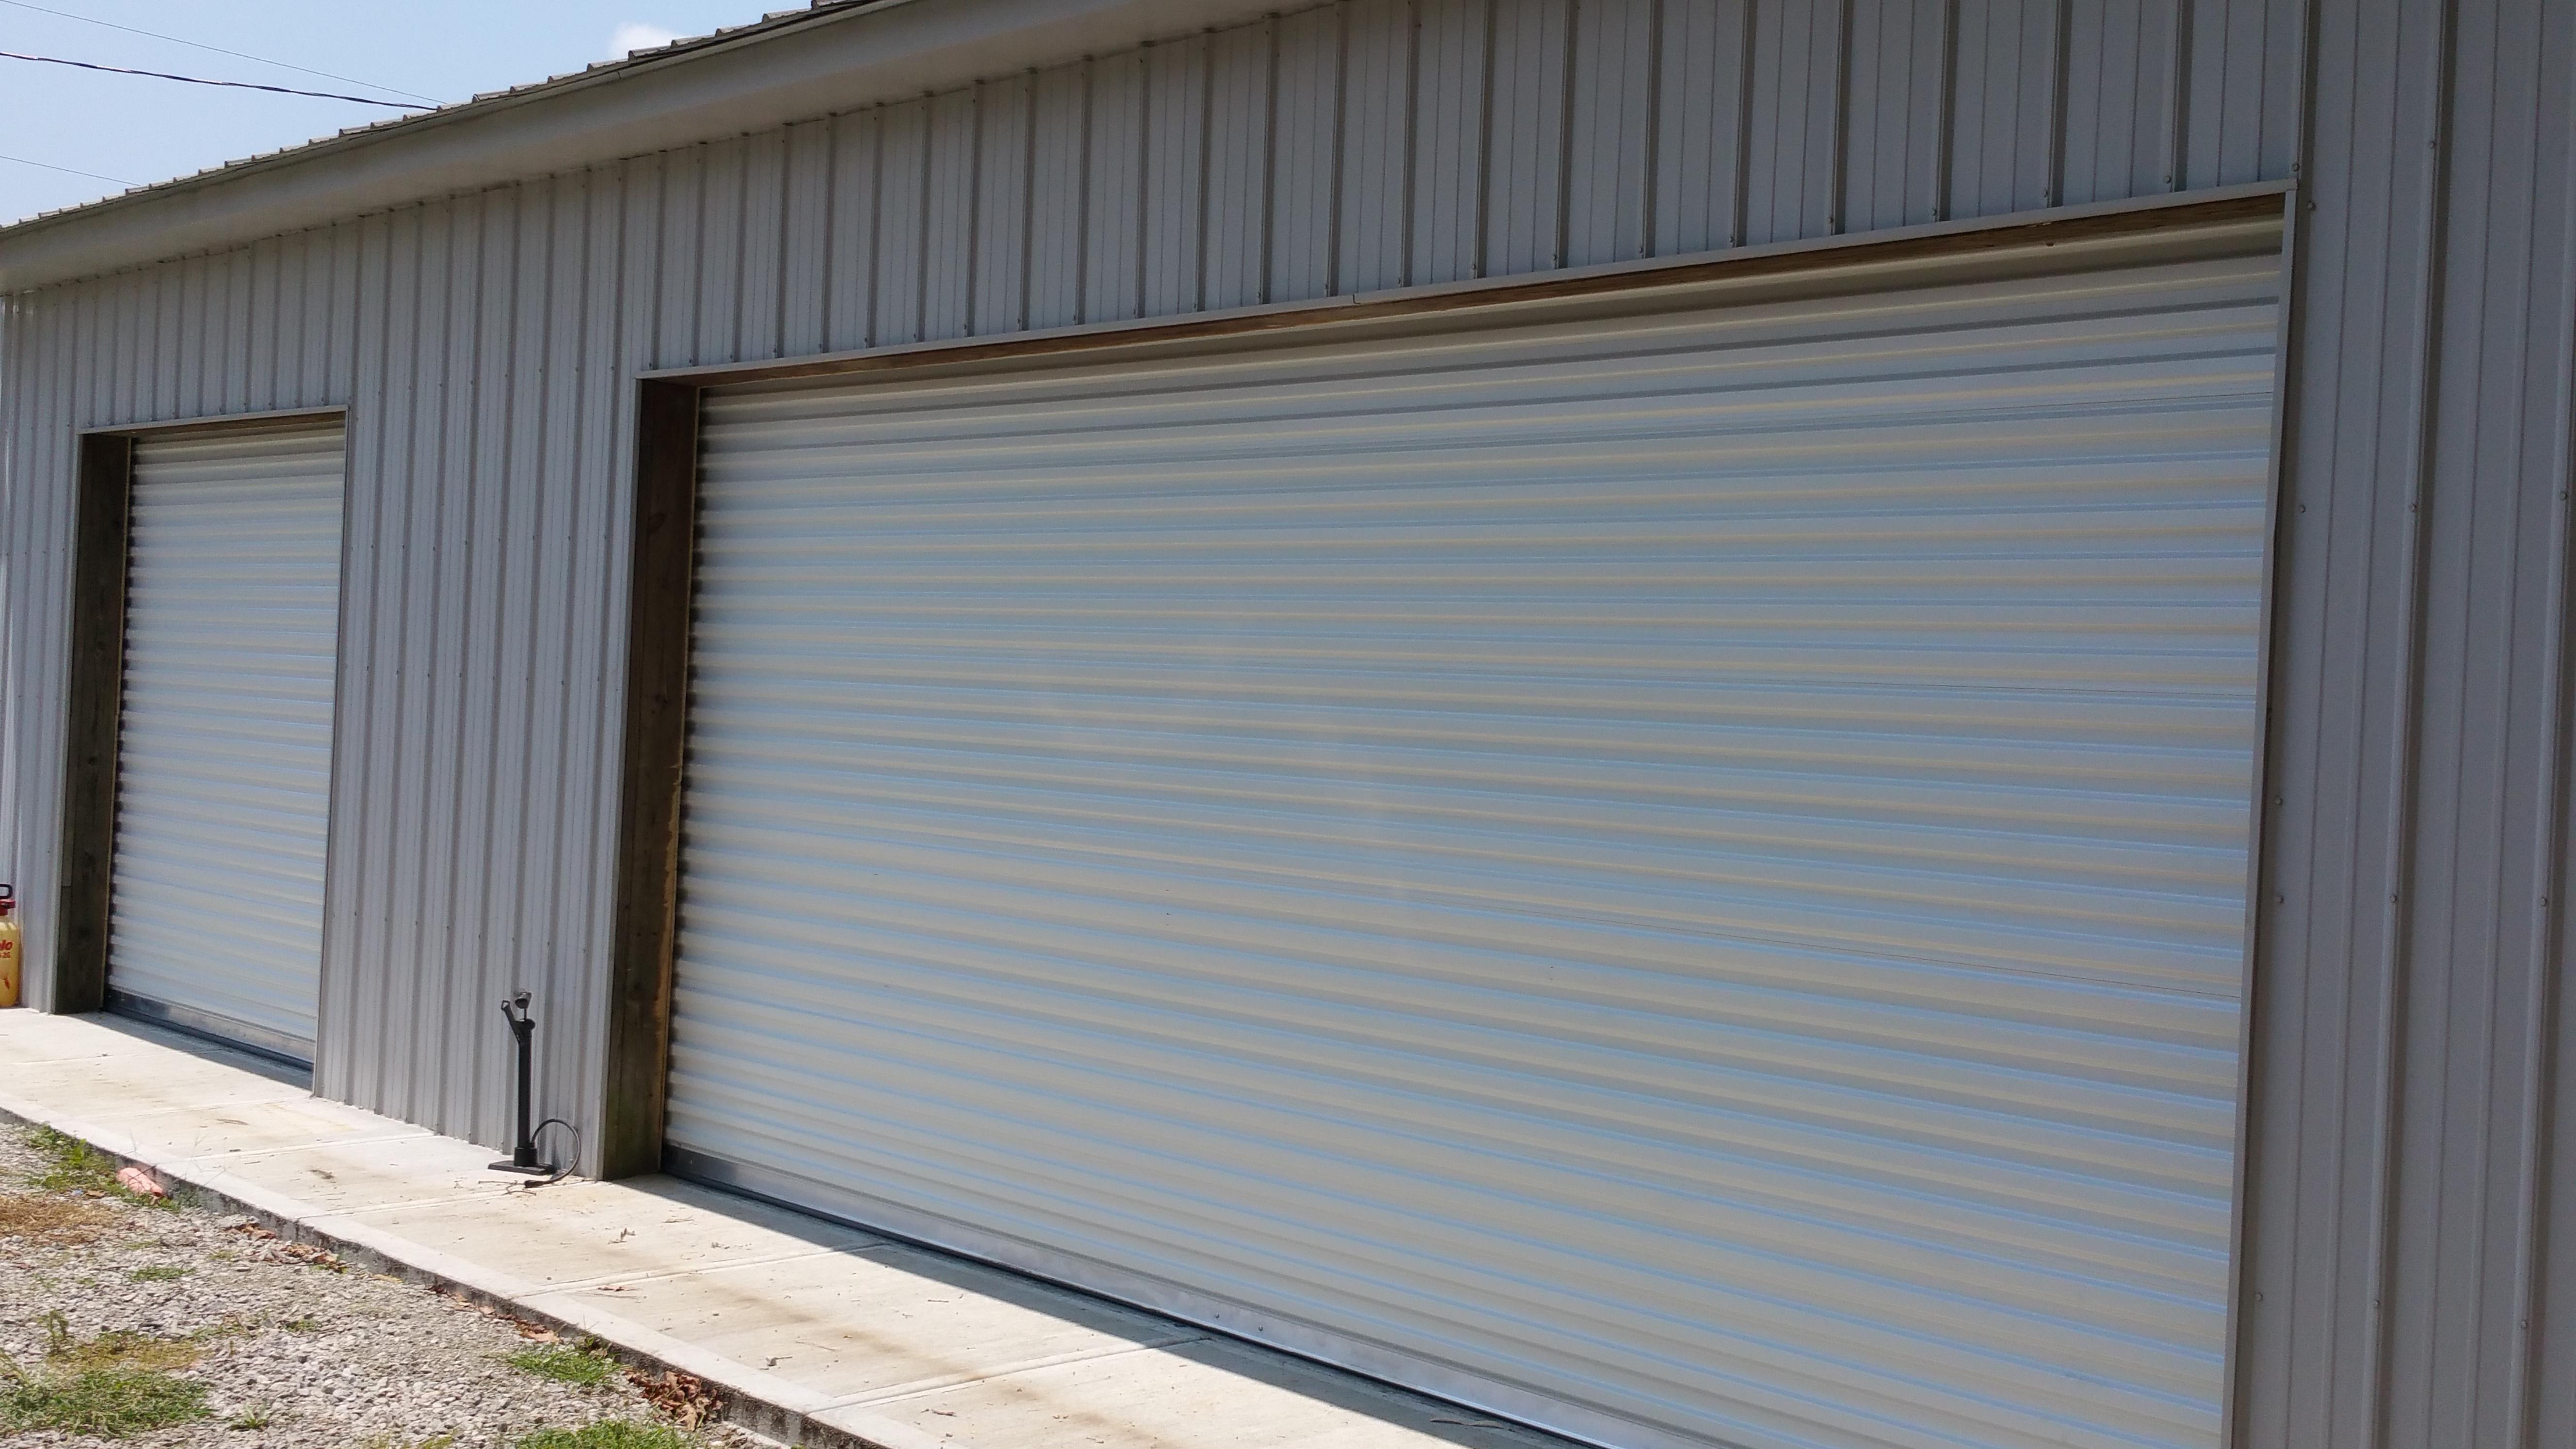 2988 #776454 All American Overhead Garage Door Inc. In Wendell NC 27591 Pic  Garage